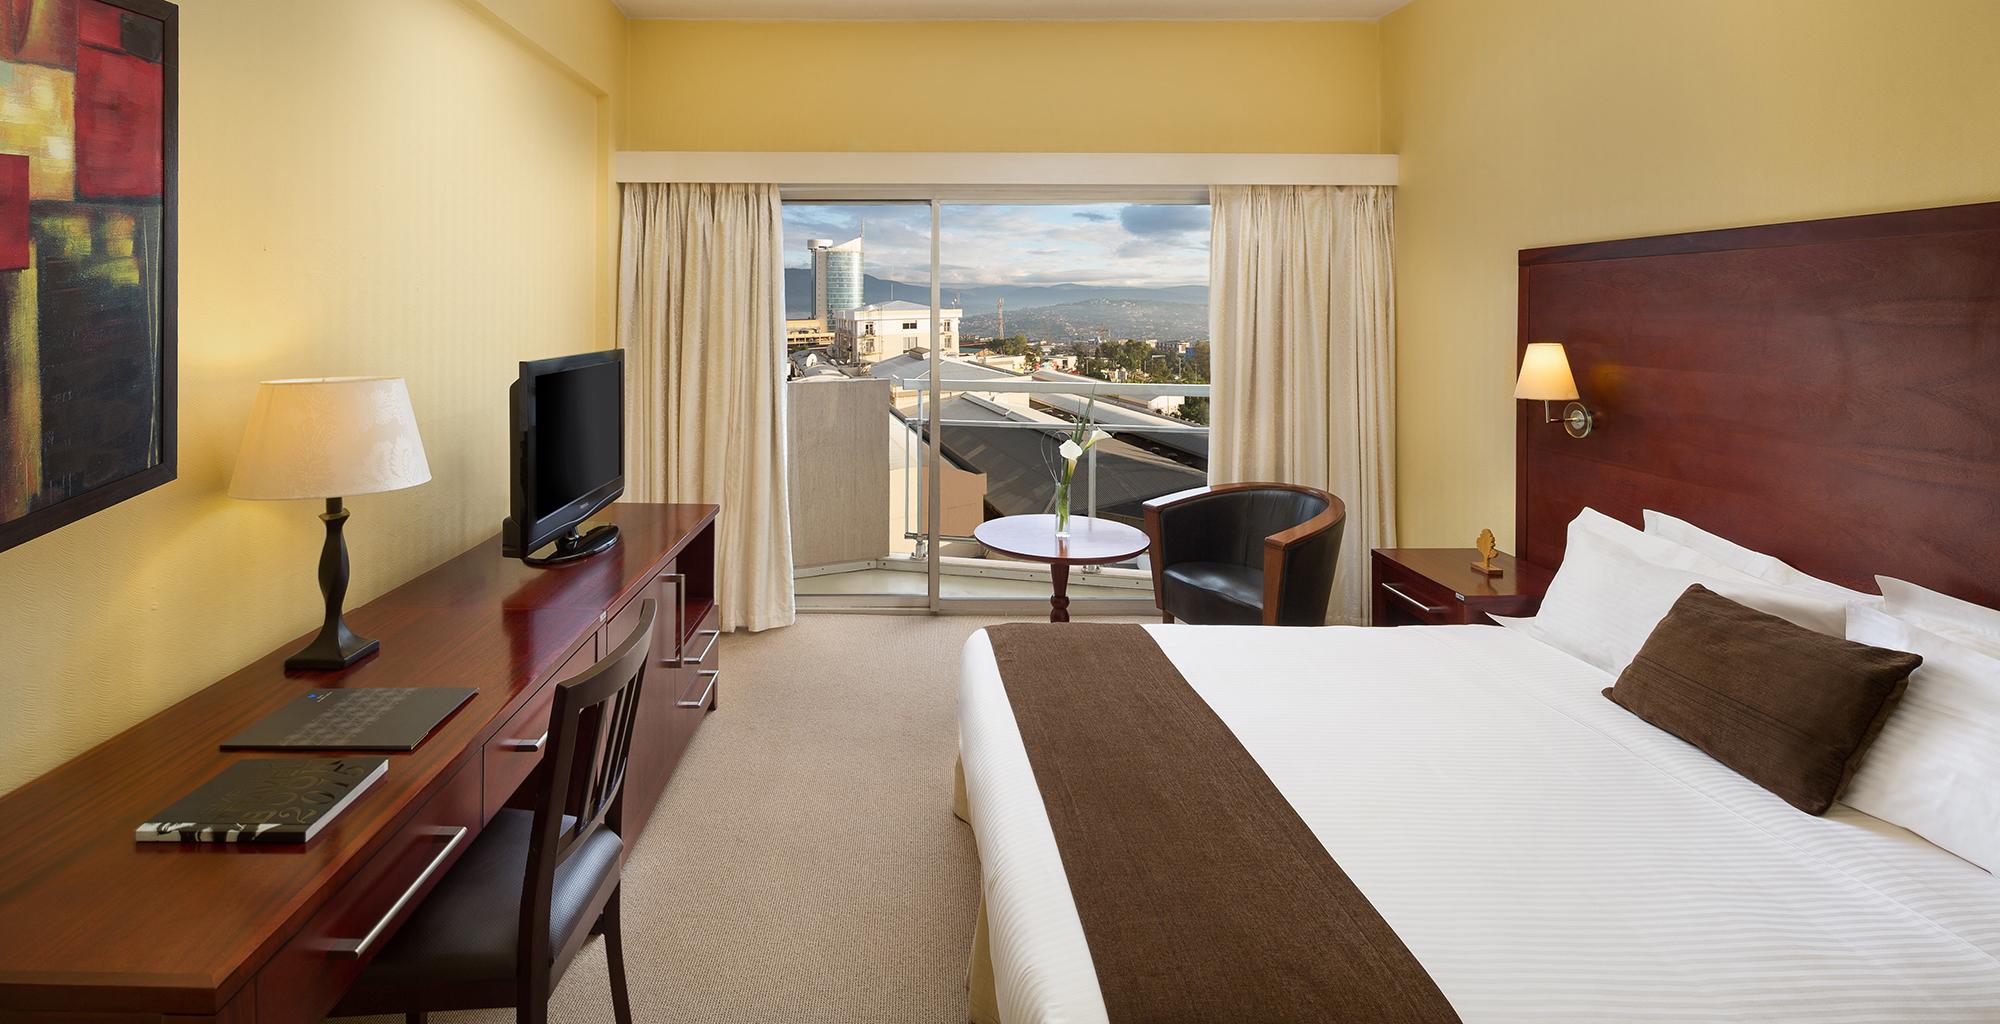 Rwanda-Hotel-Mille-Collines-Bedroom